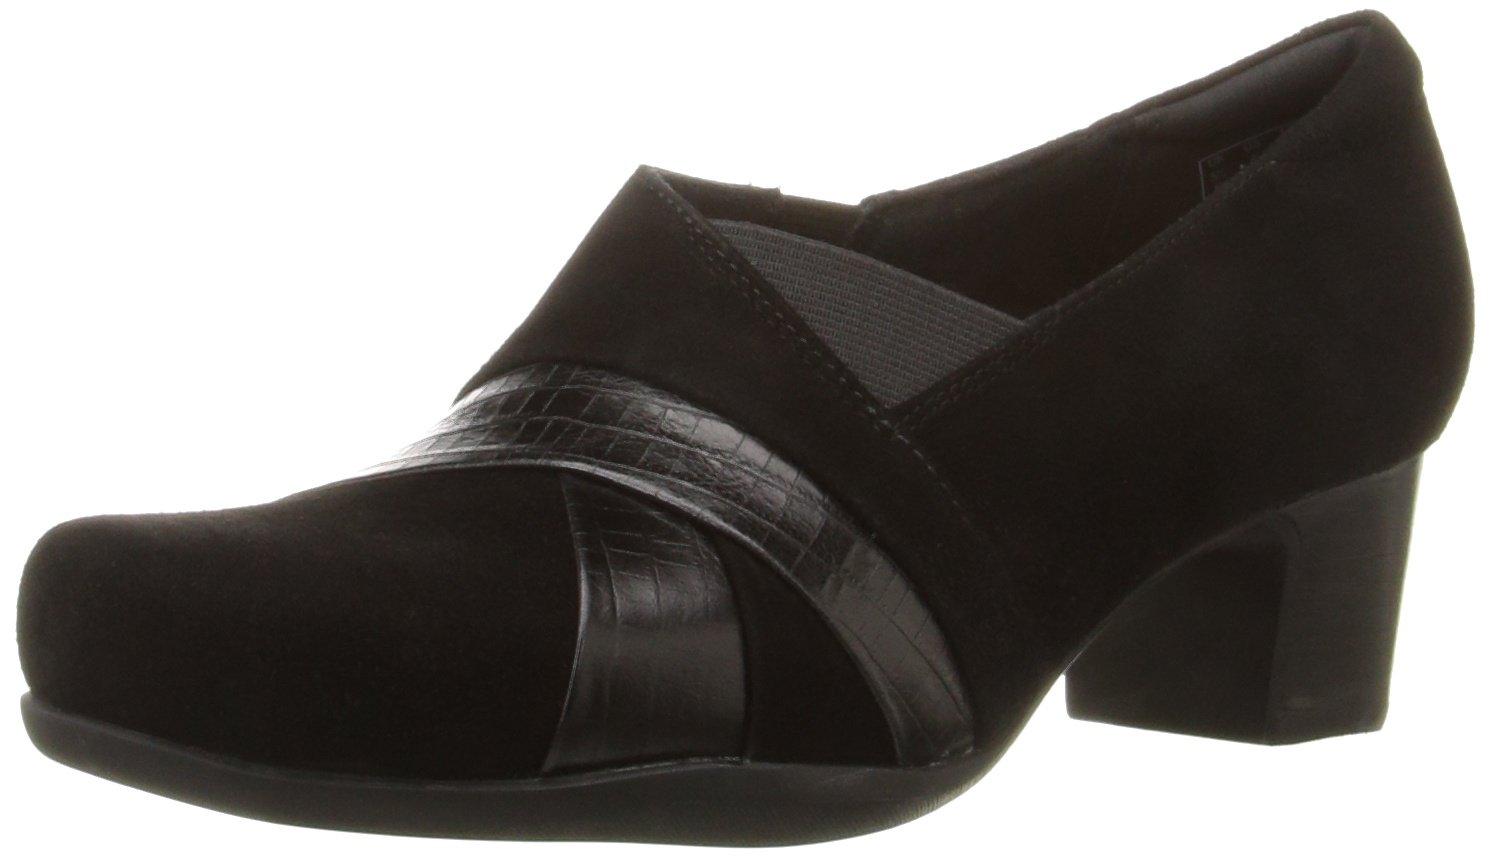 CLARKS Women's Rosalyn Adele Slip-On Loafer, Black Suede, 6 W US